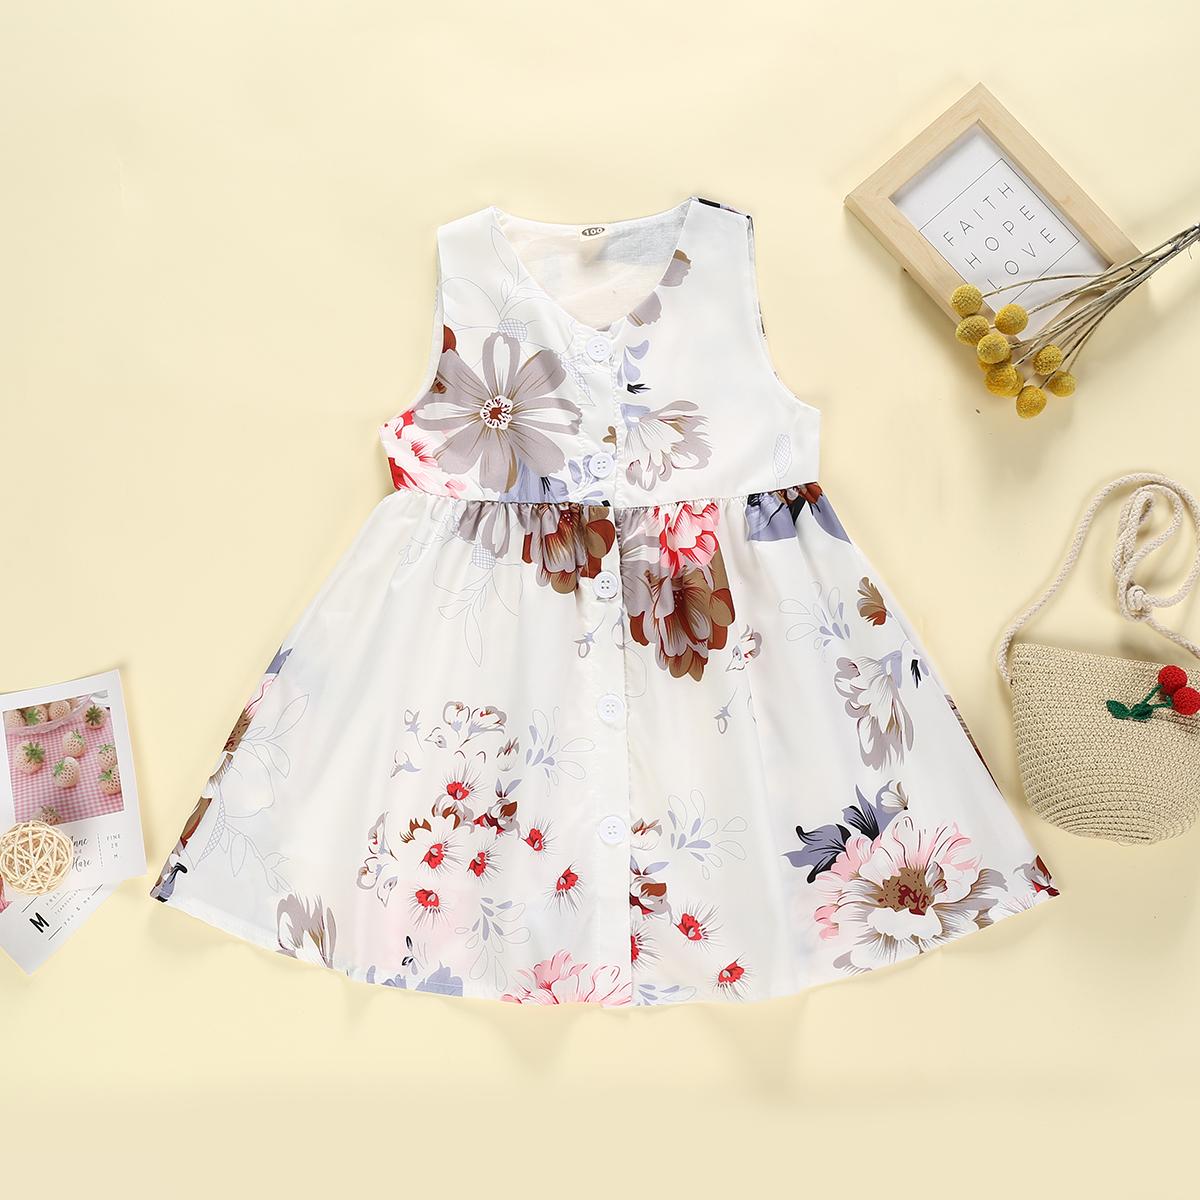 Bébé / Enfant Tendance De Peinture À L'Encre Floral Allover Robe Sans Manches